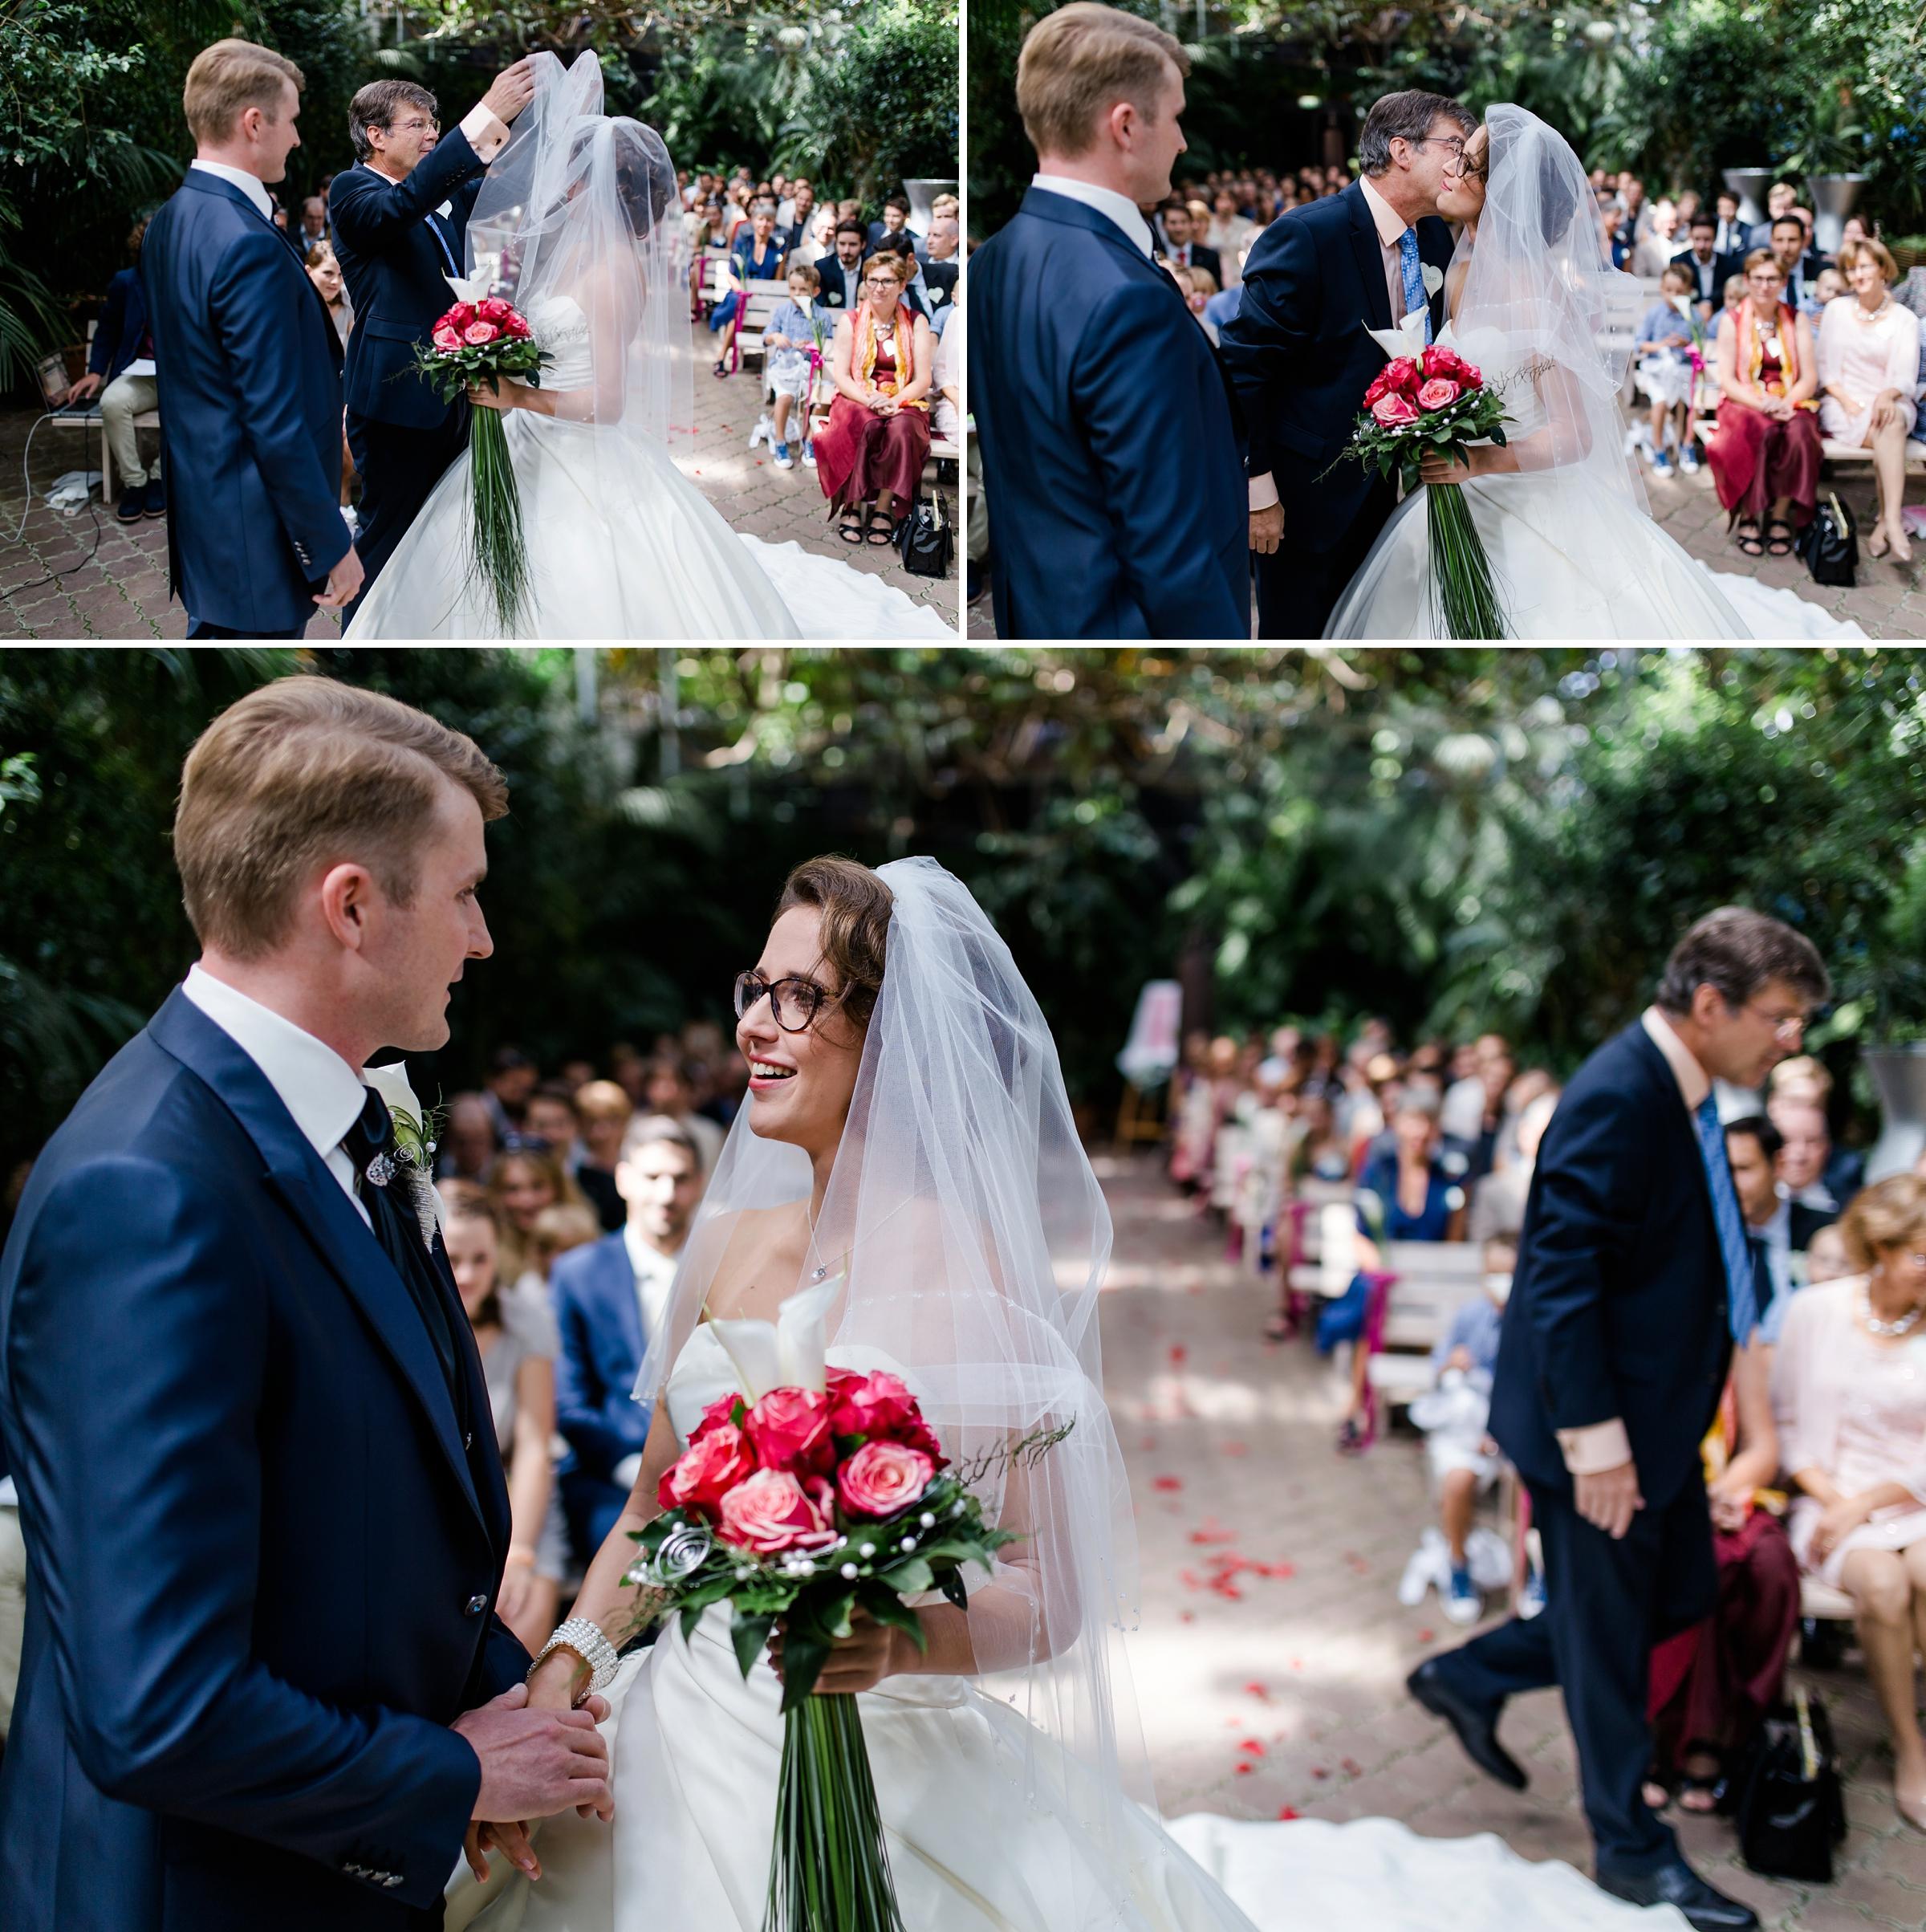 Hochzeitsfotograf-Zuerich-Erster-Blick-Brautpaar-Giardino-Verde-Uitikon